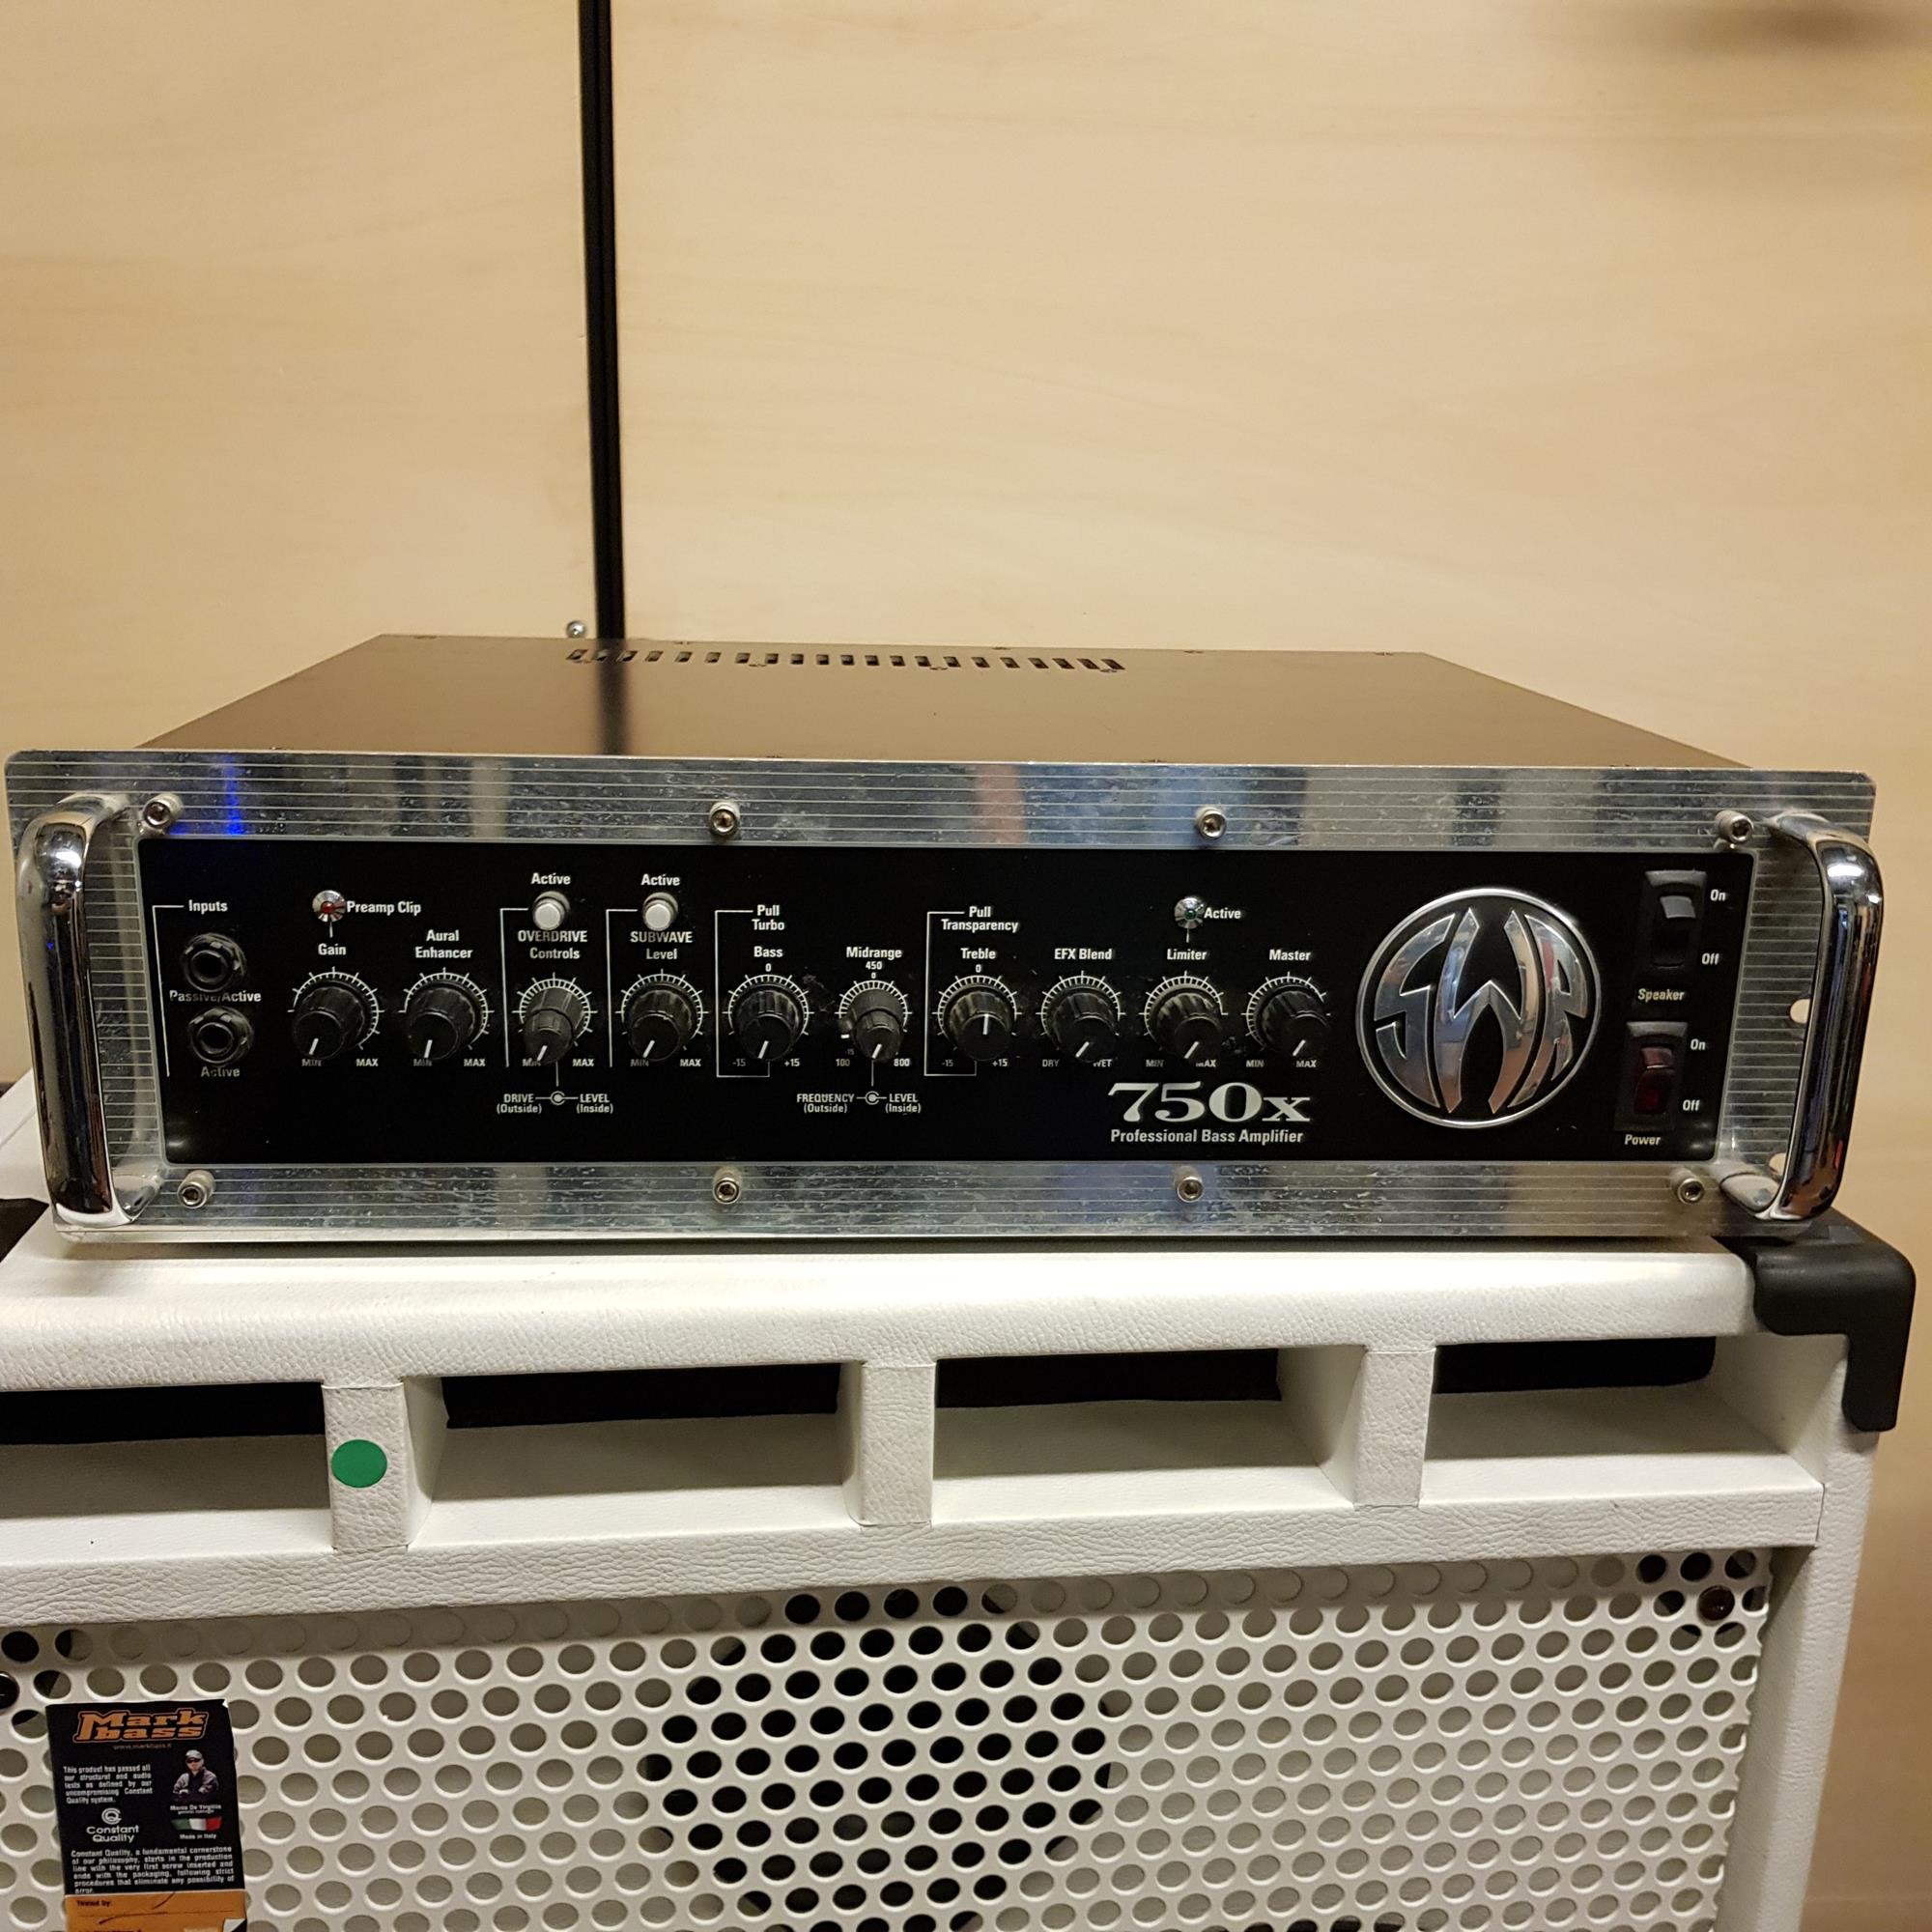 SWR-750X-BASS-AMP-sku-1592651616154